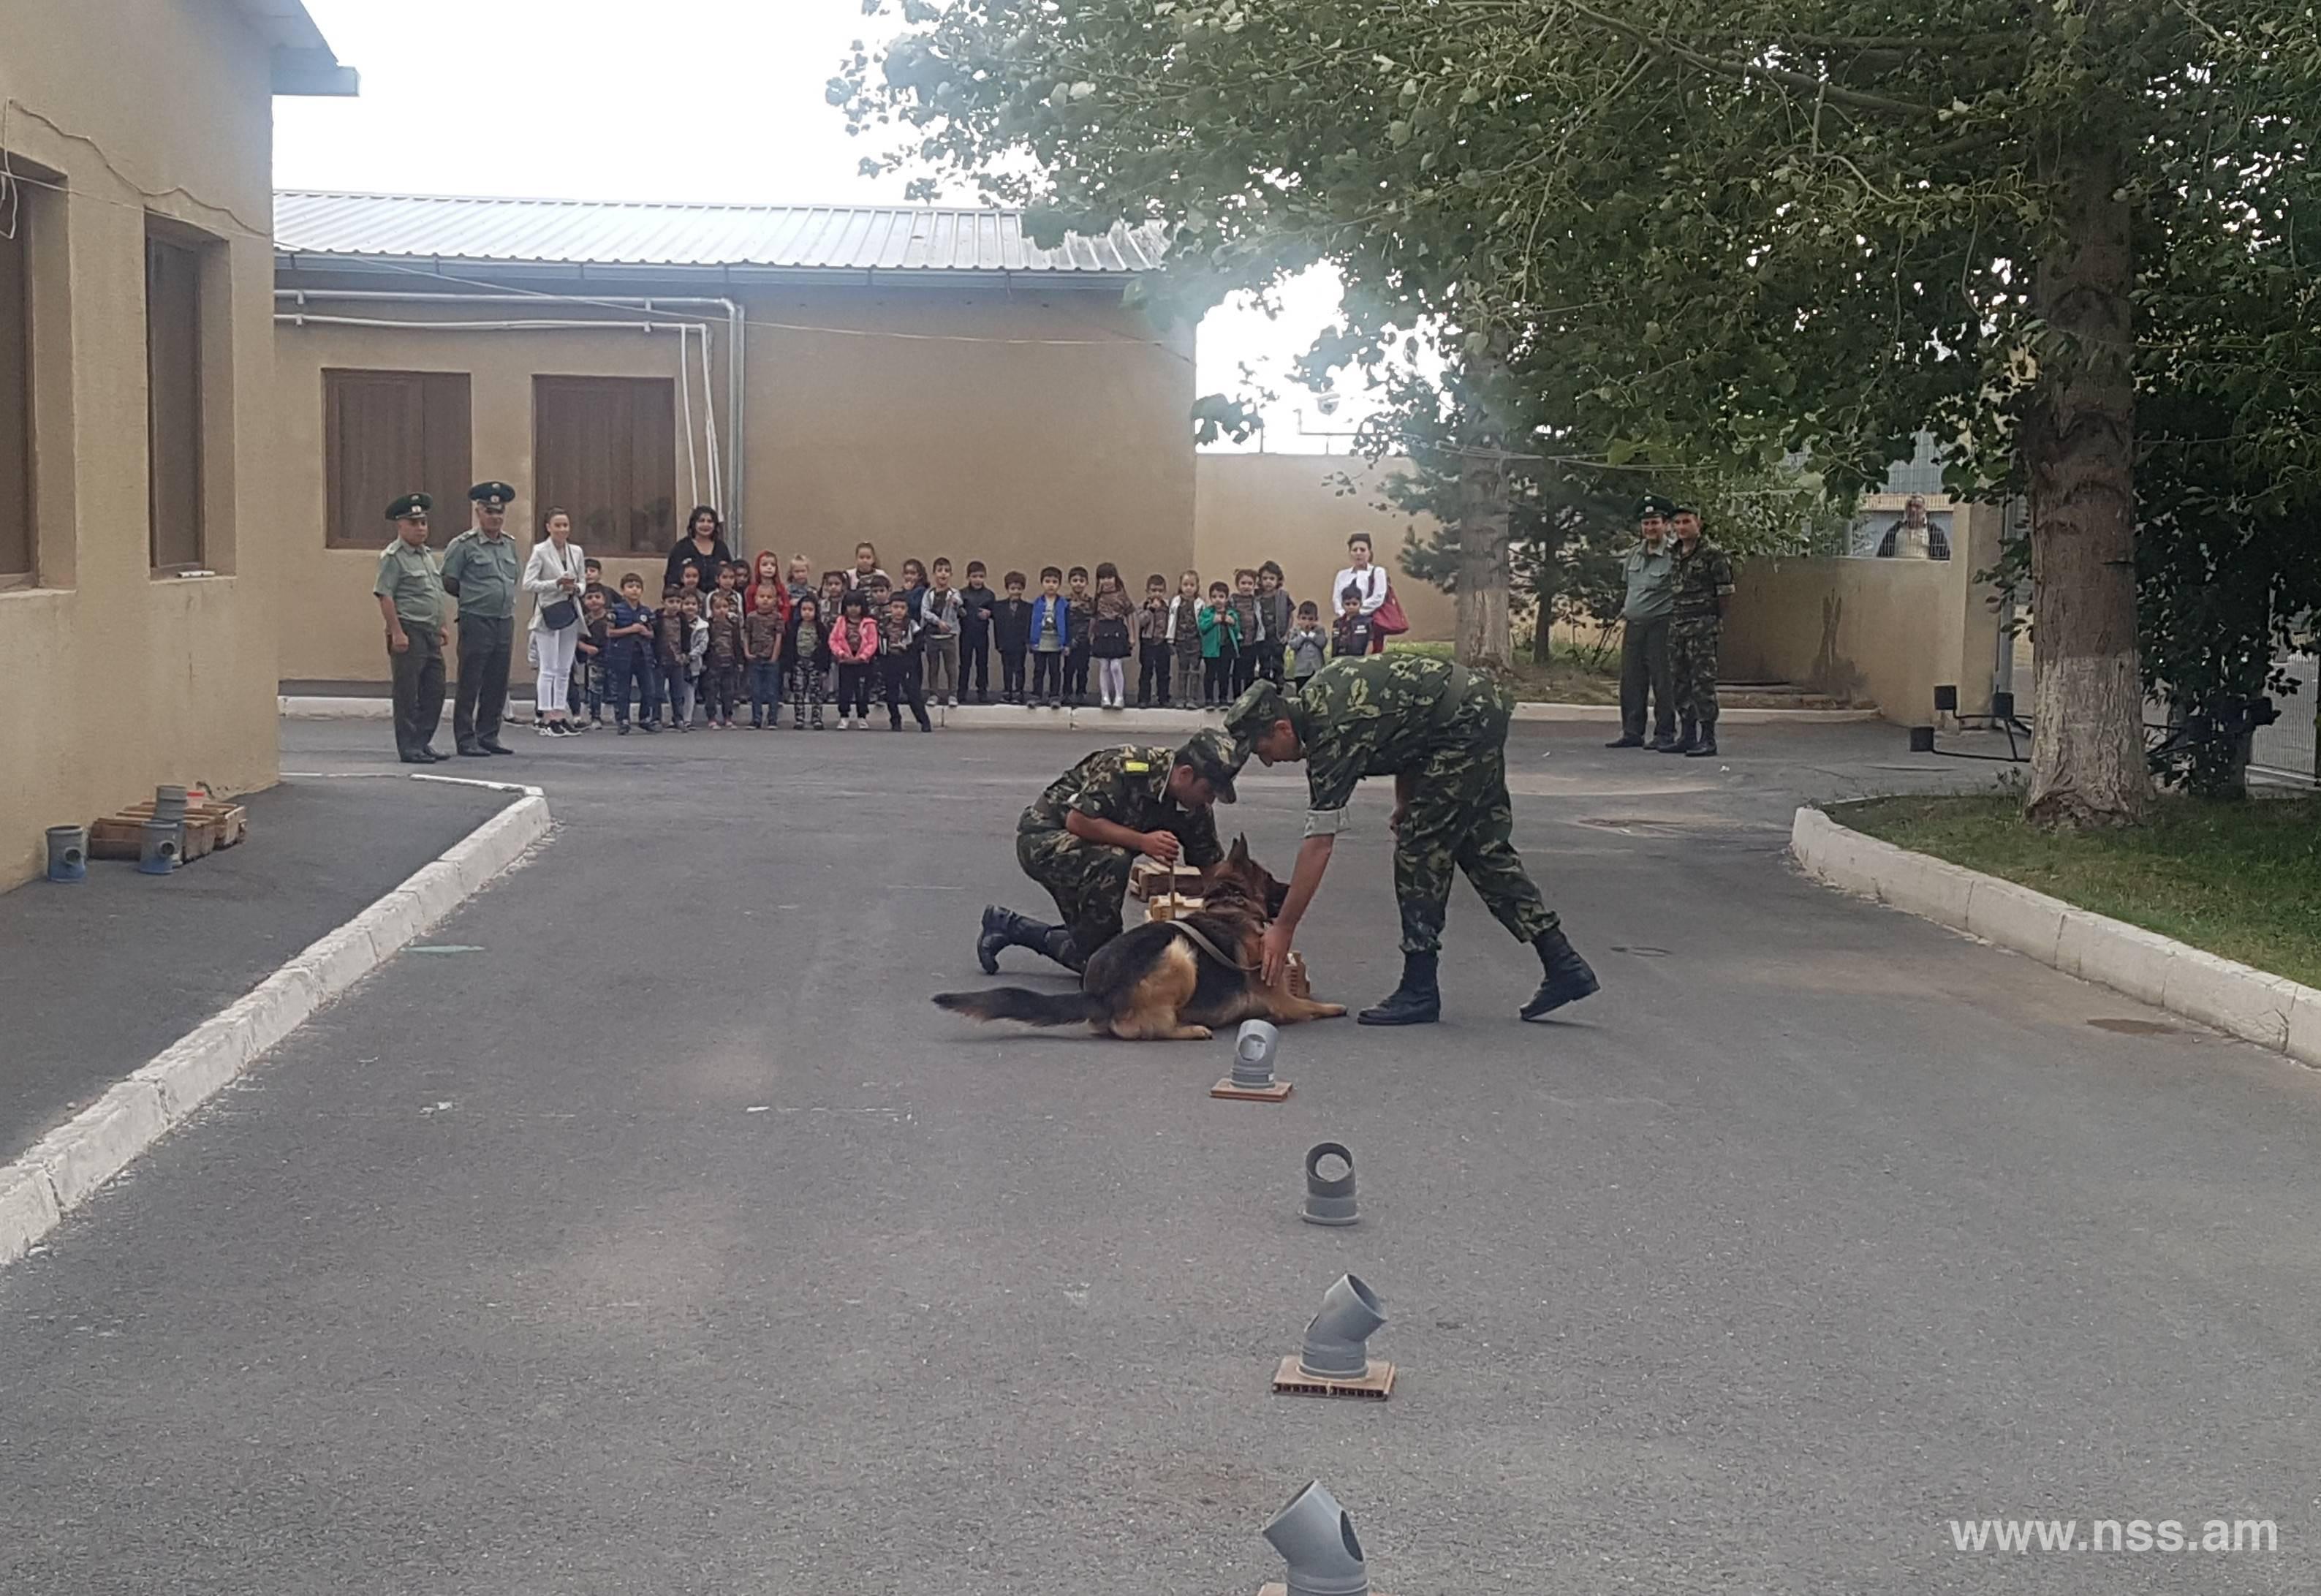 Մանկապարտեզի սաները ծանոթացել են ծառայողական շների վարժեցման գործընթացին